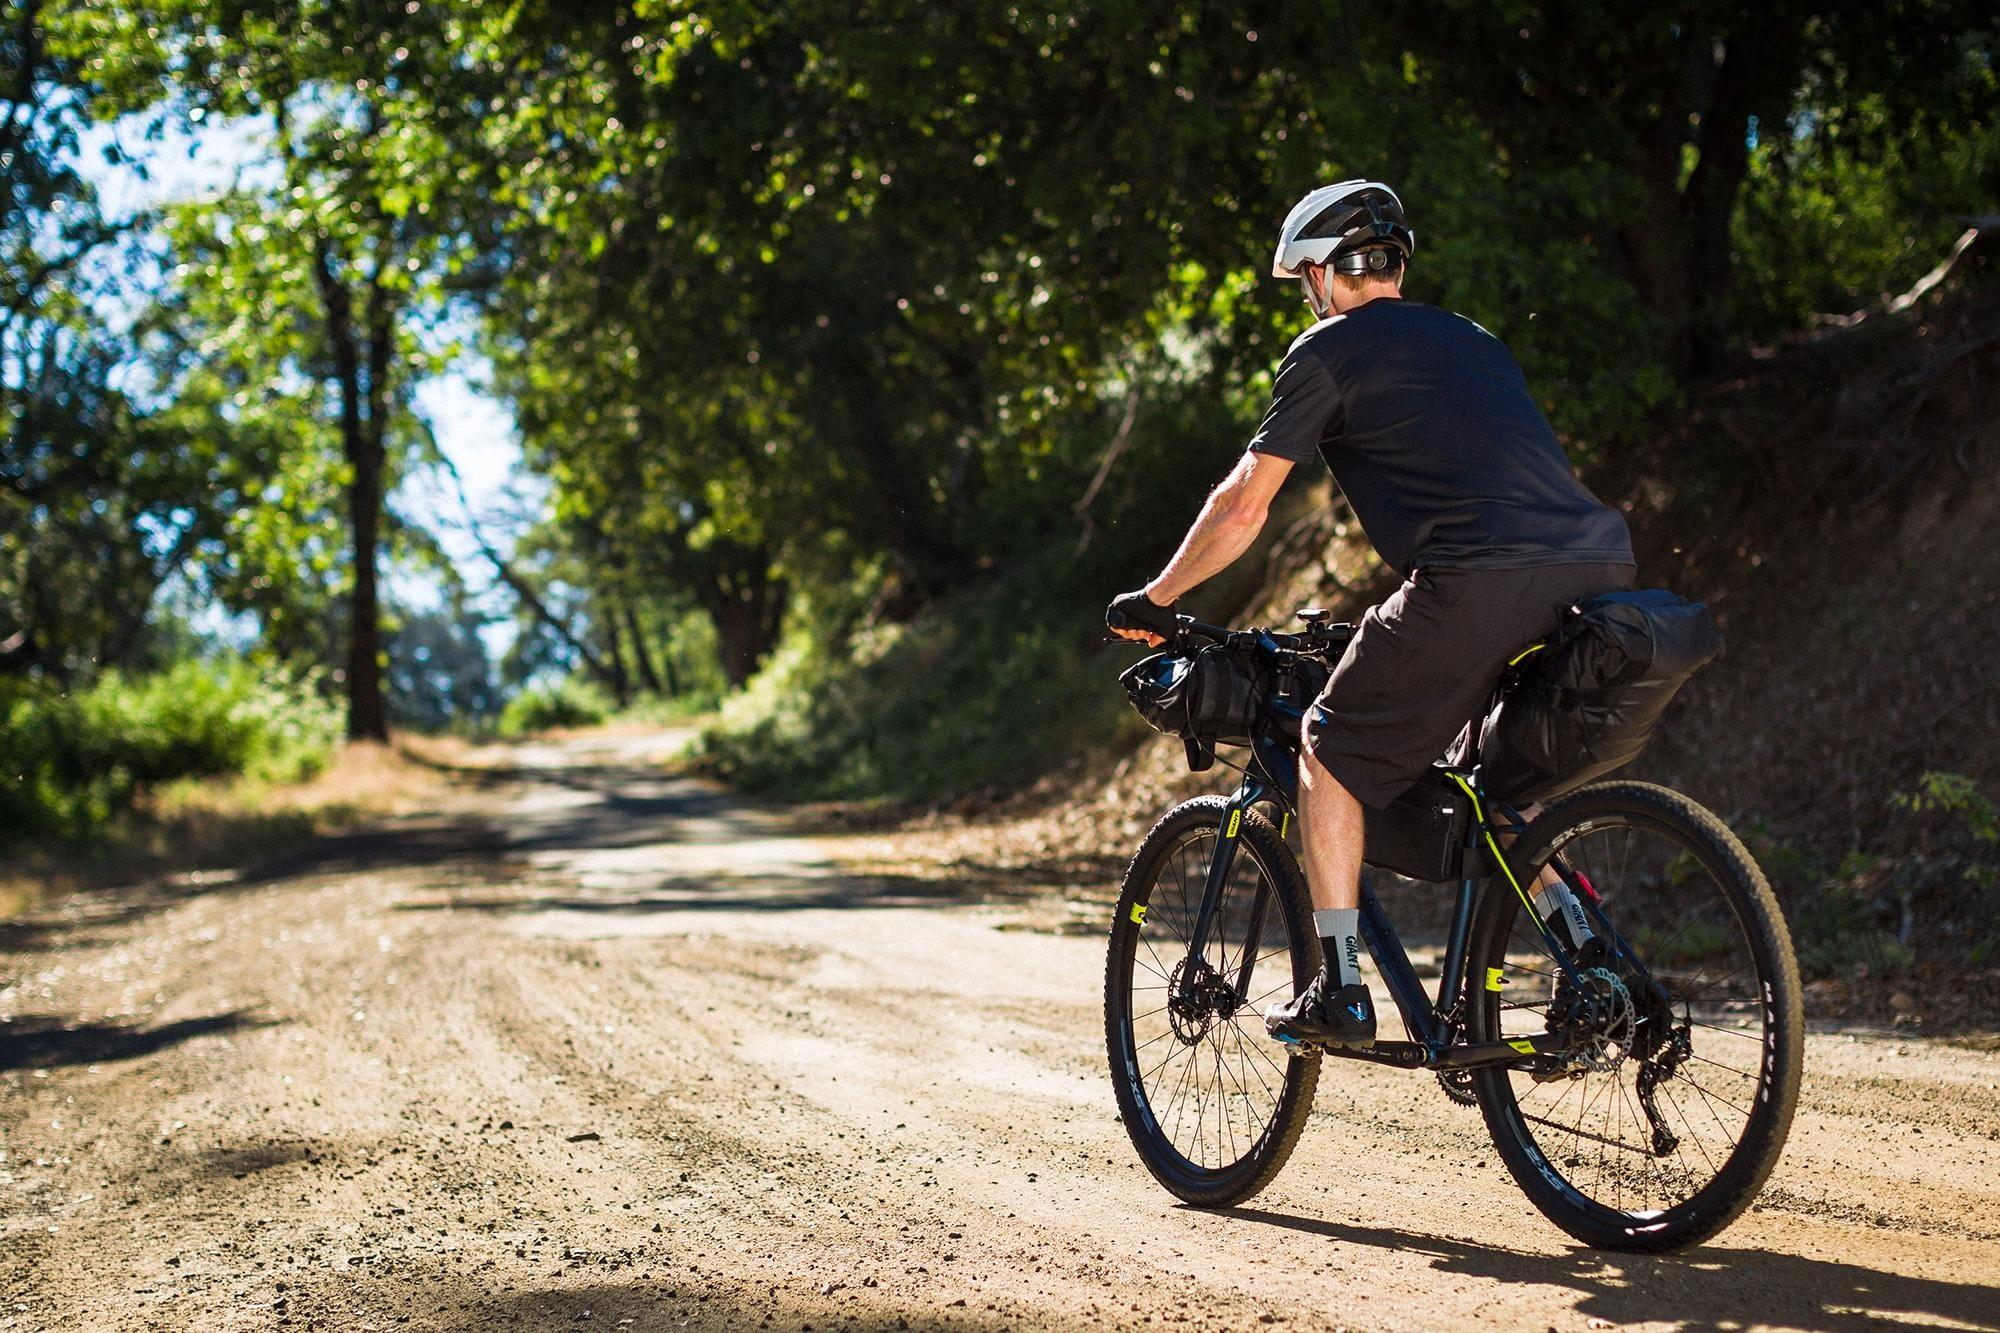 Giant Toughroad Slr 2 X Road Bike 2016 All Terrain Cycles